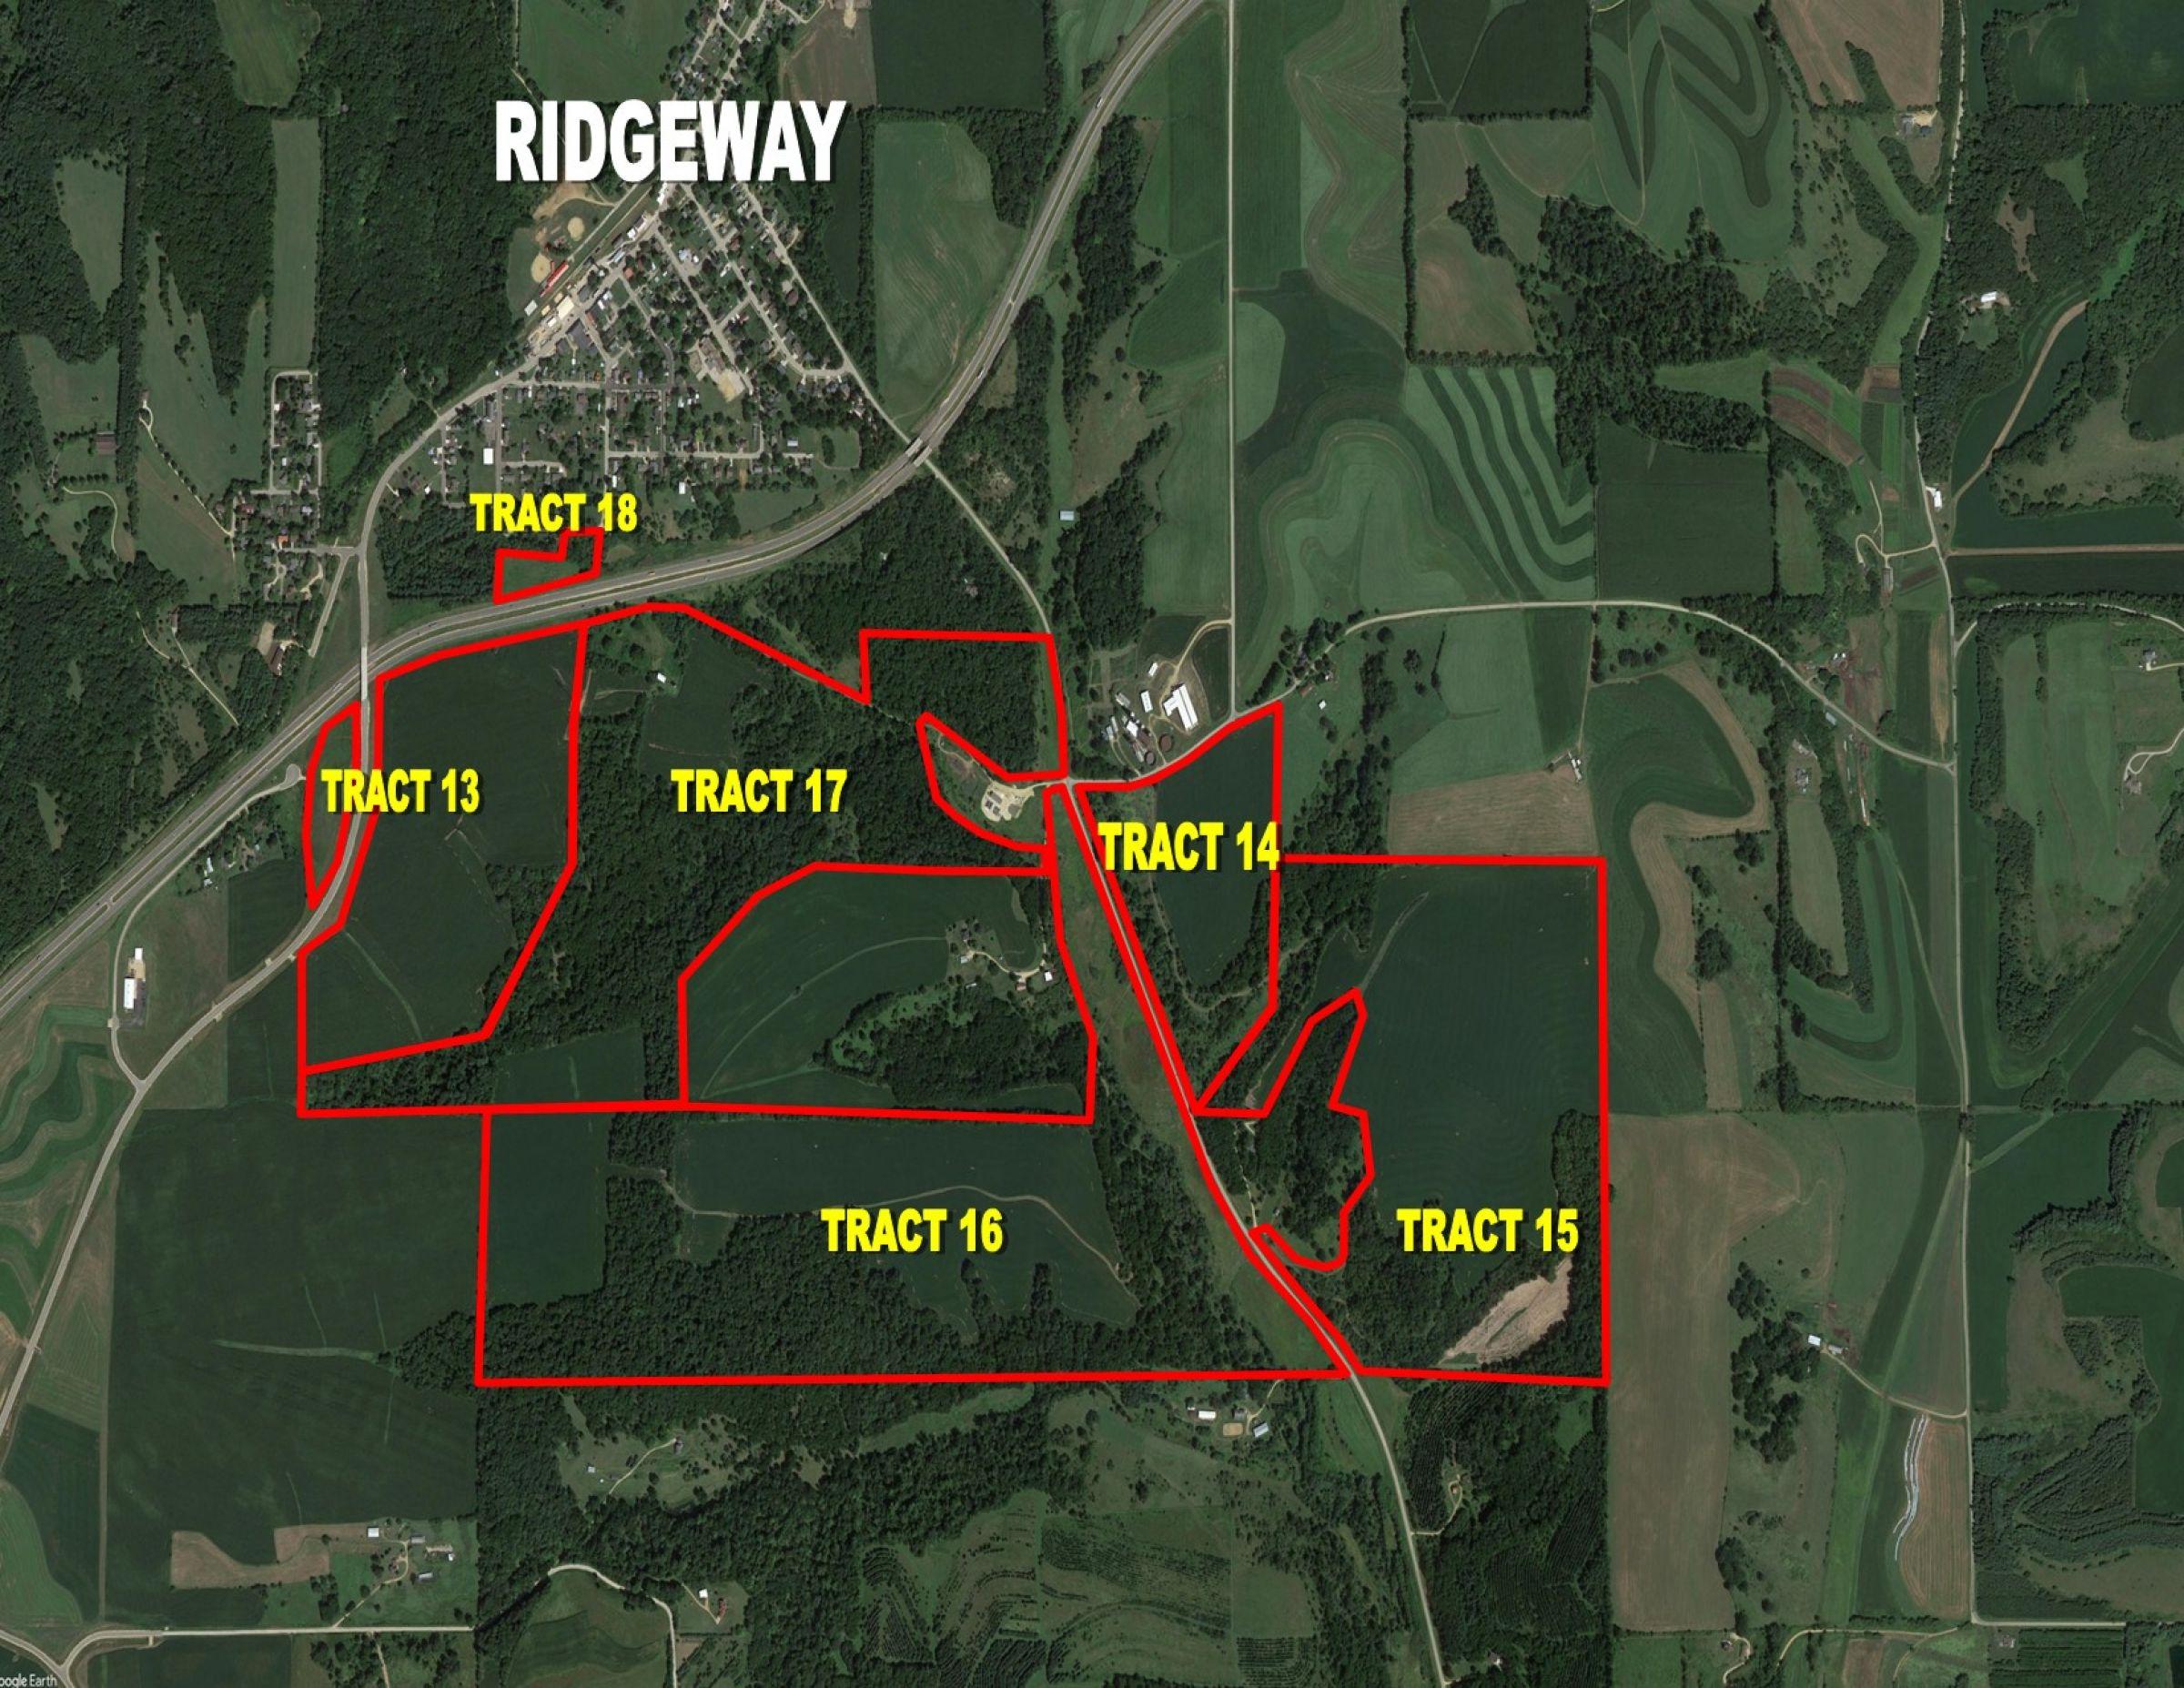 14-ridgeway-53582-0-2021-03-09-170106.jpg